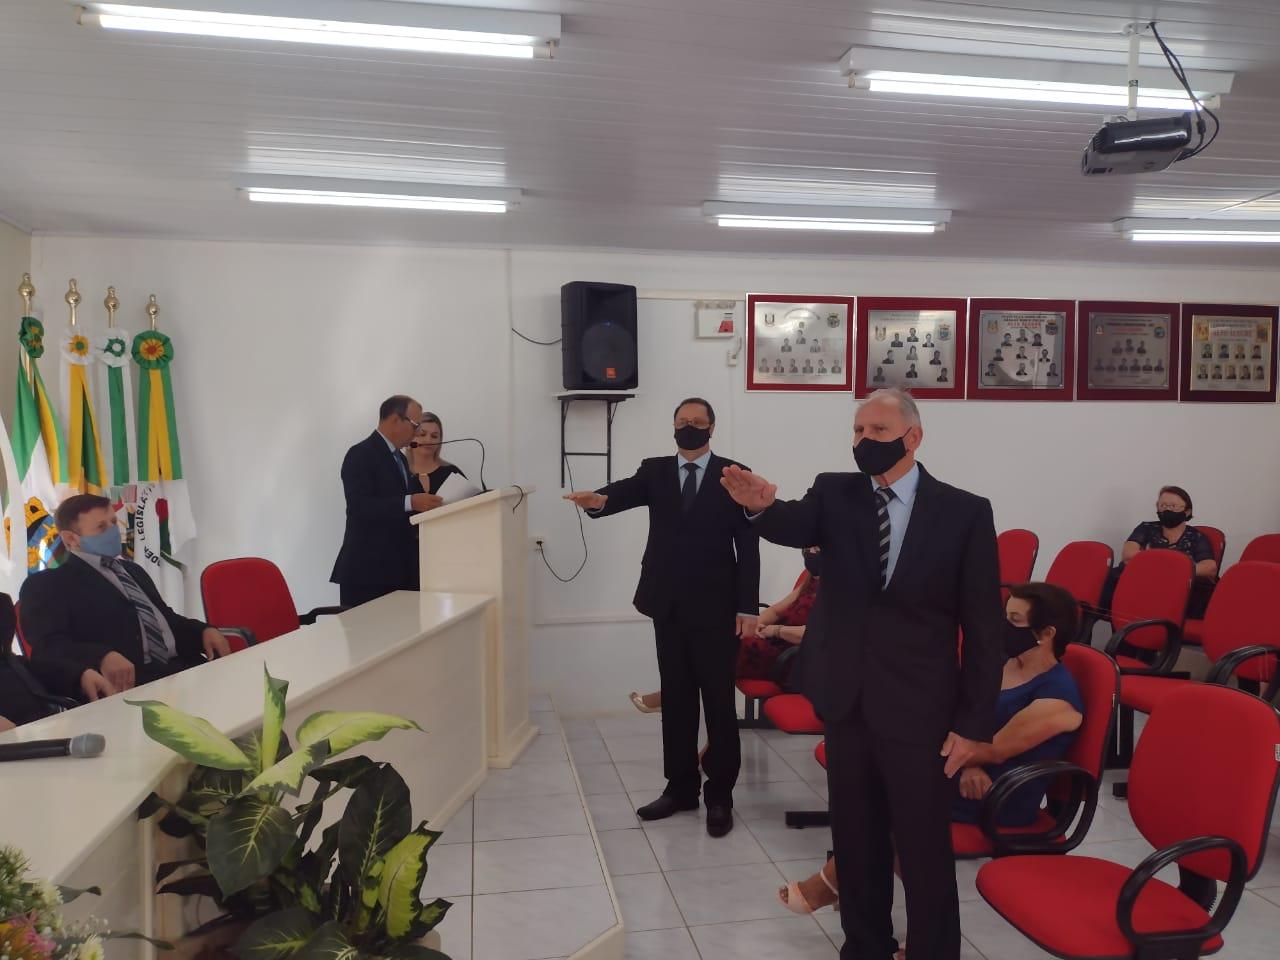 Avelino Salvadori e Dilmar Loro assumem a prefeitura após consenso em Alto Alegre